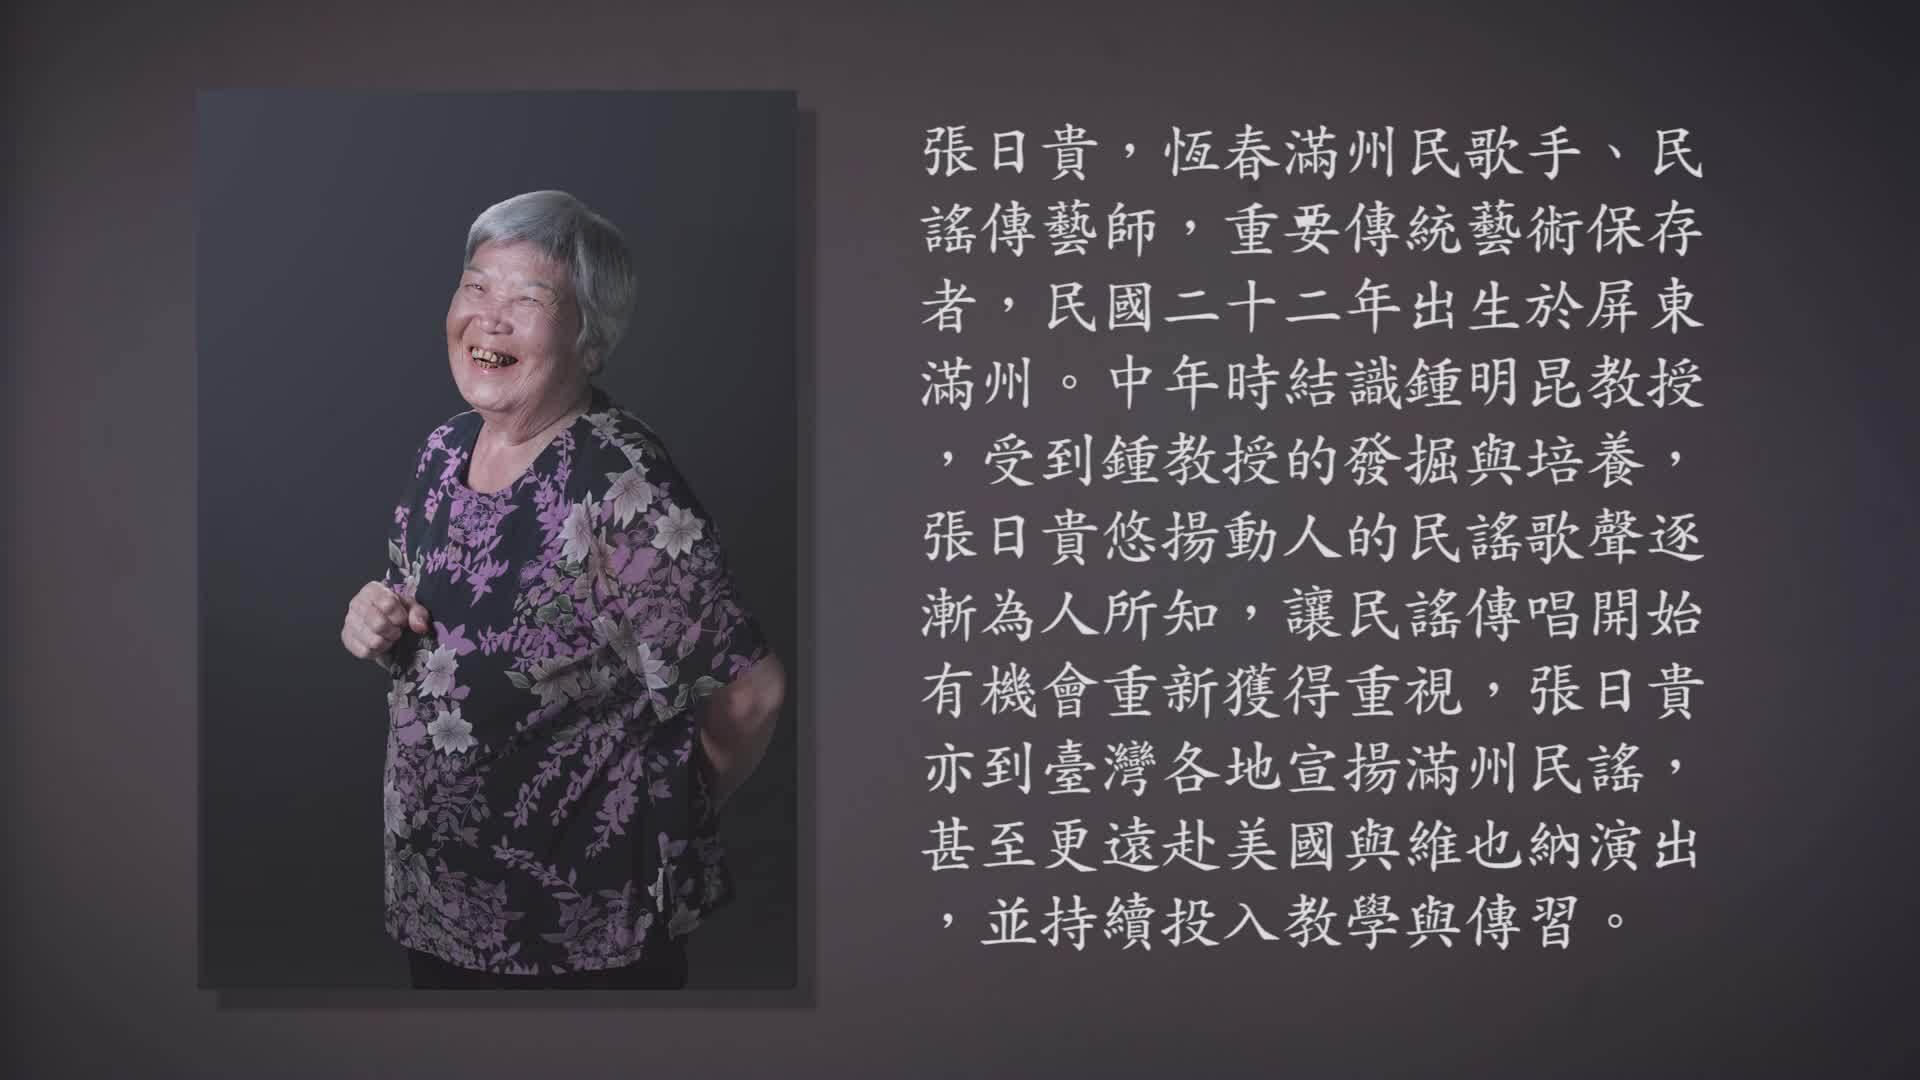 技藝.記憶-傳統藝術藝人口述歷史影像紀錄計畫-張日貴精華片段